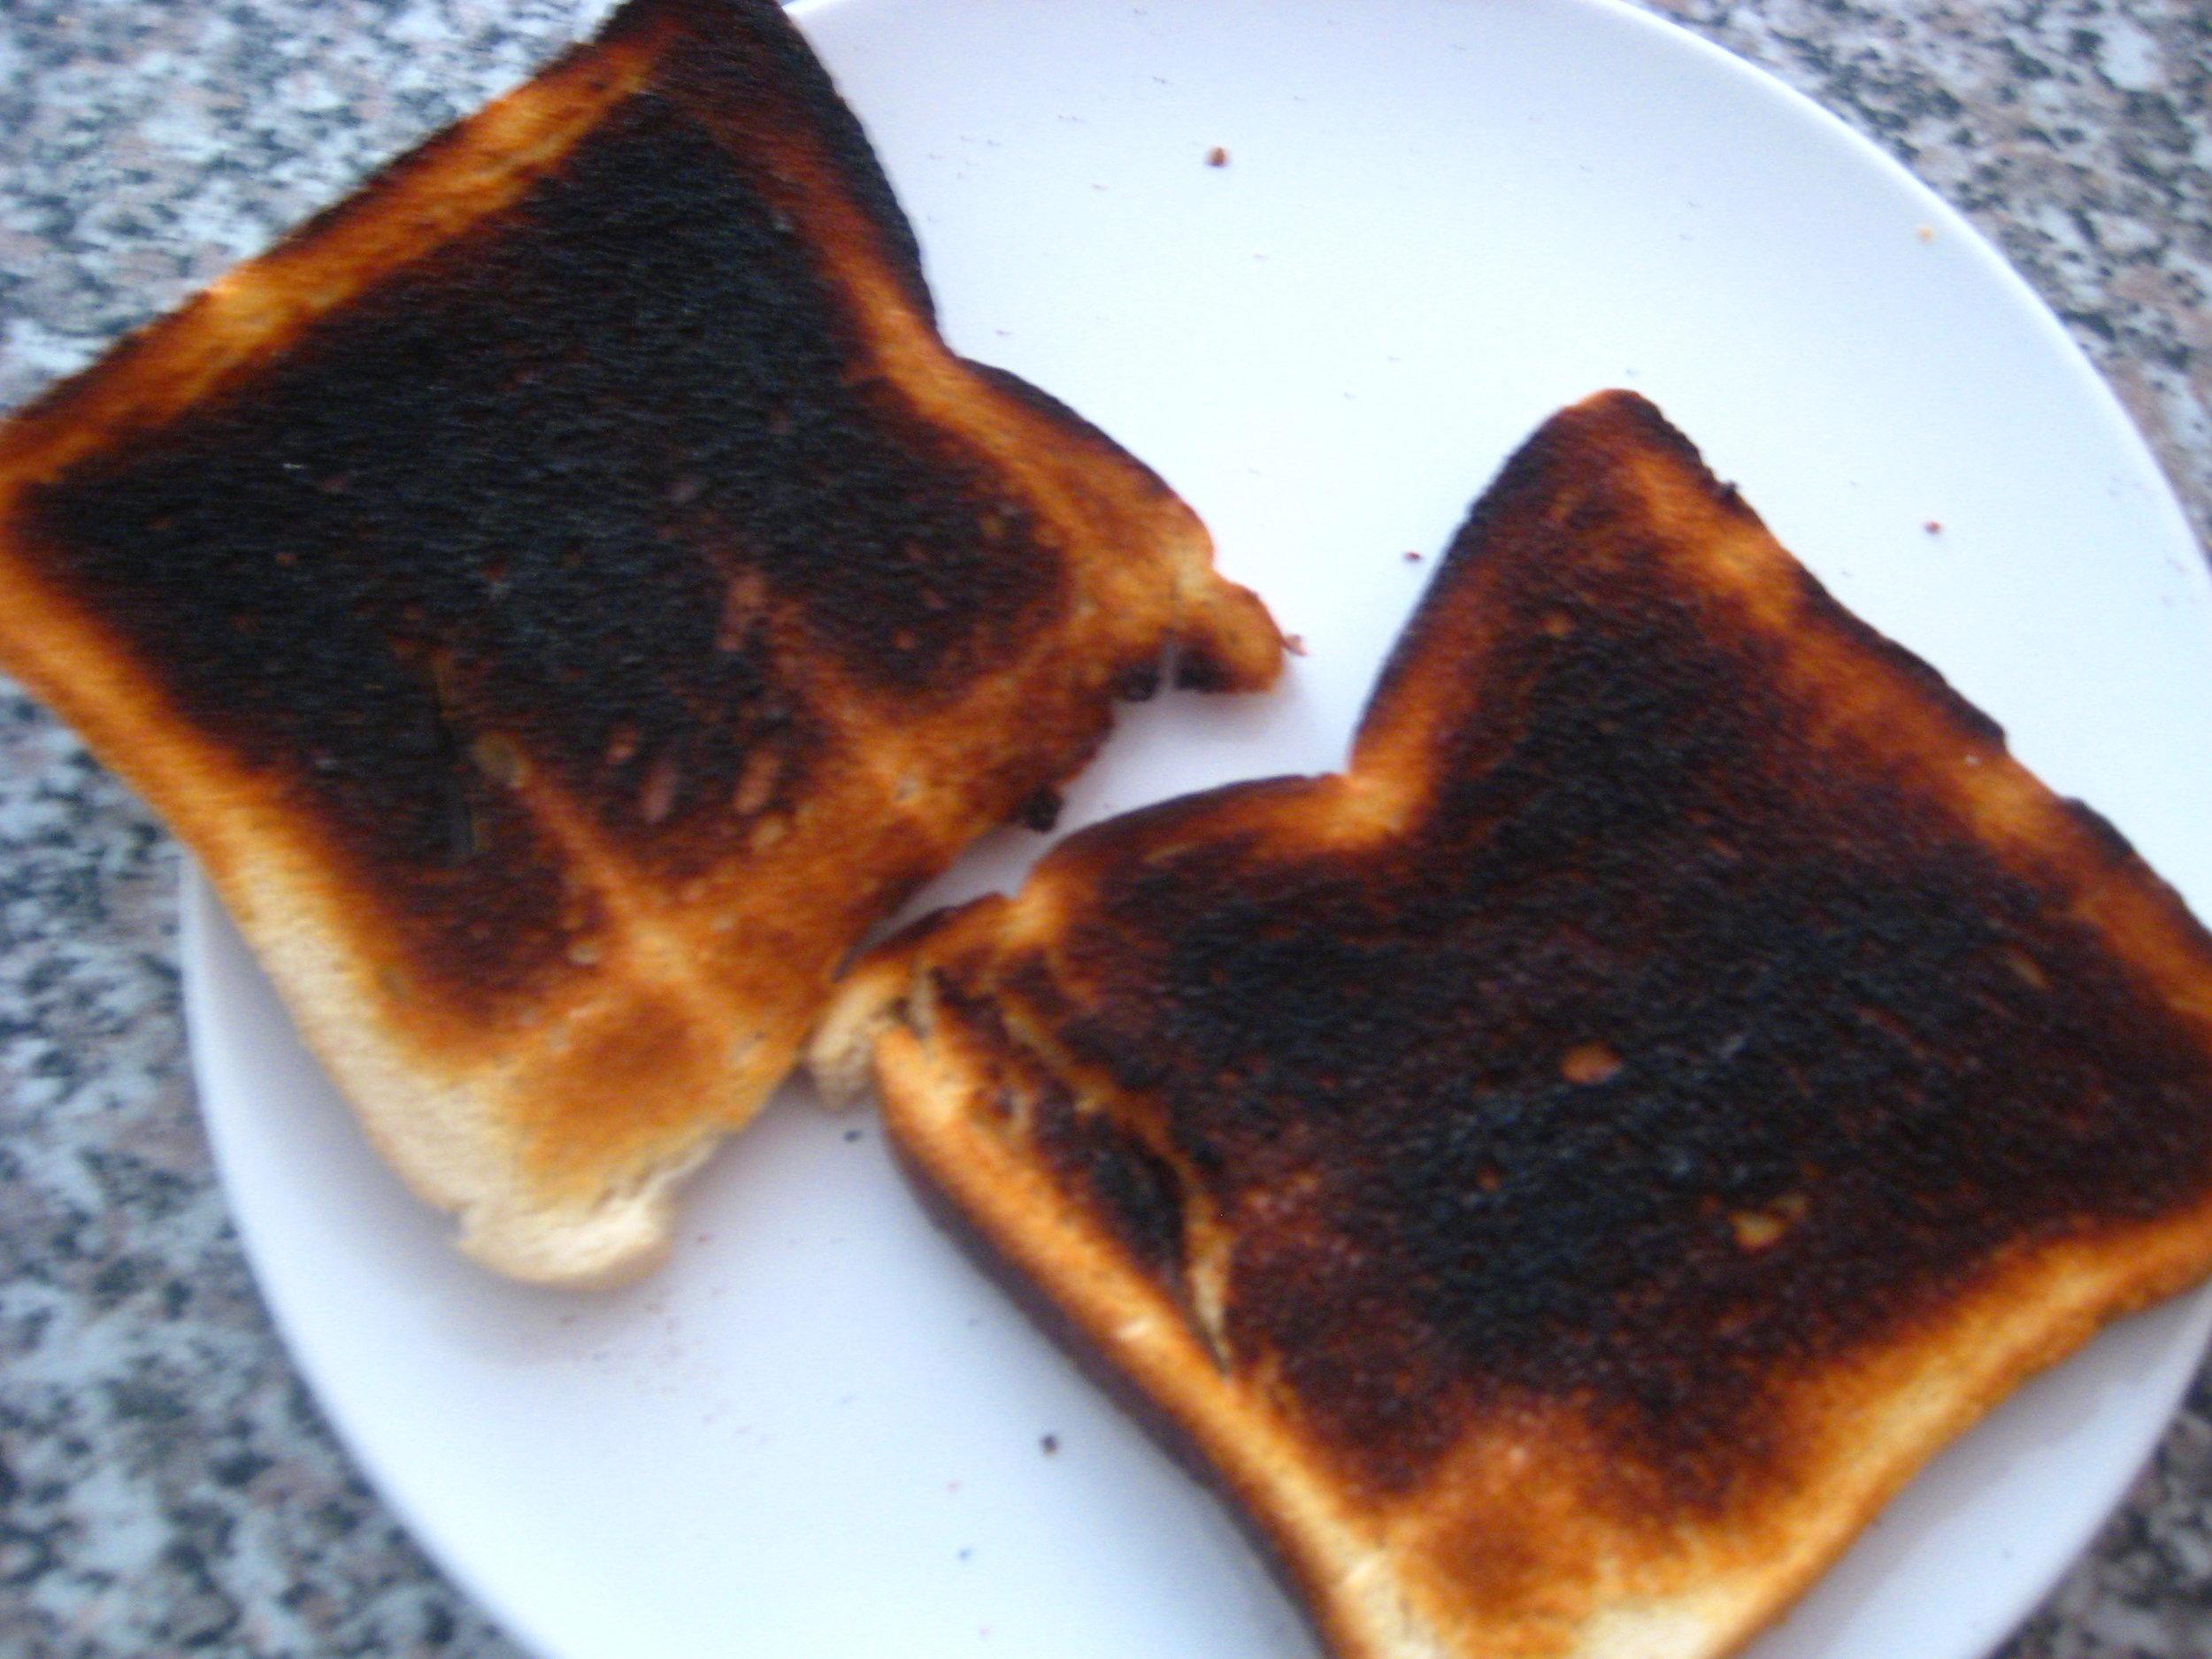 Burnt_toast.jpg